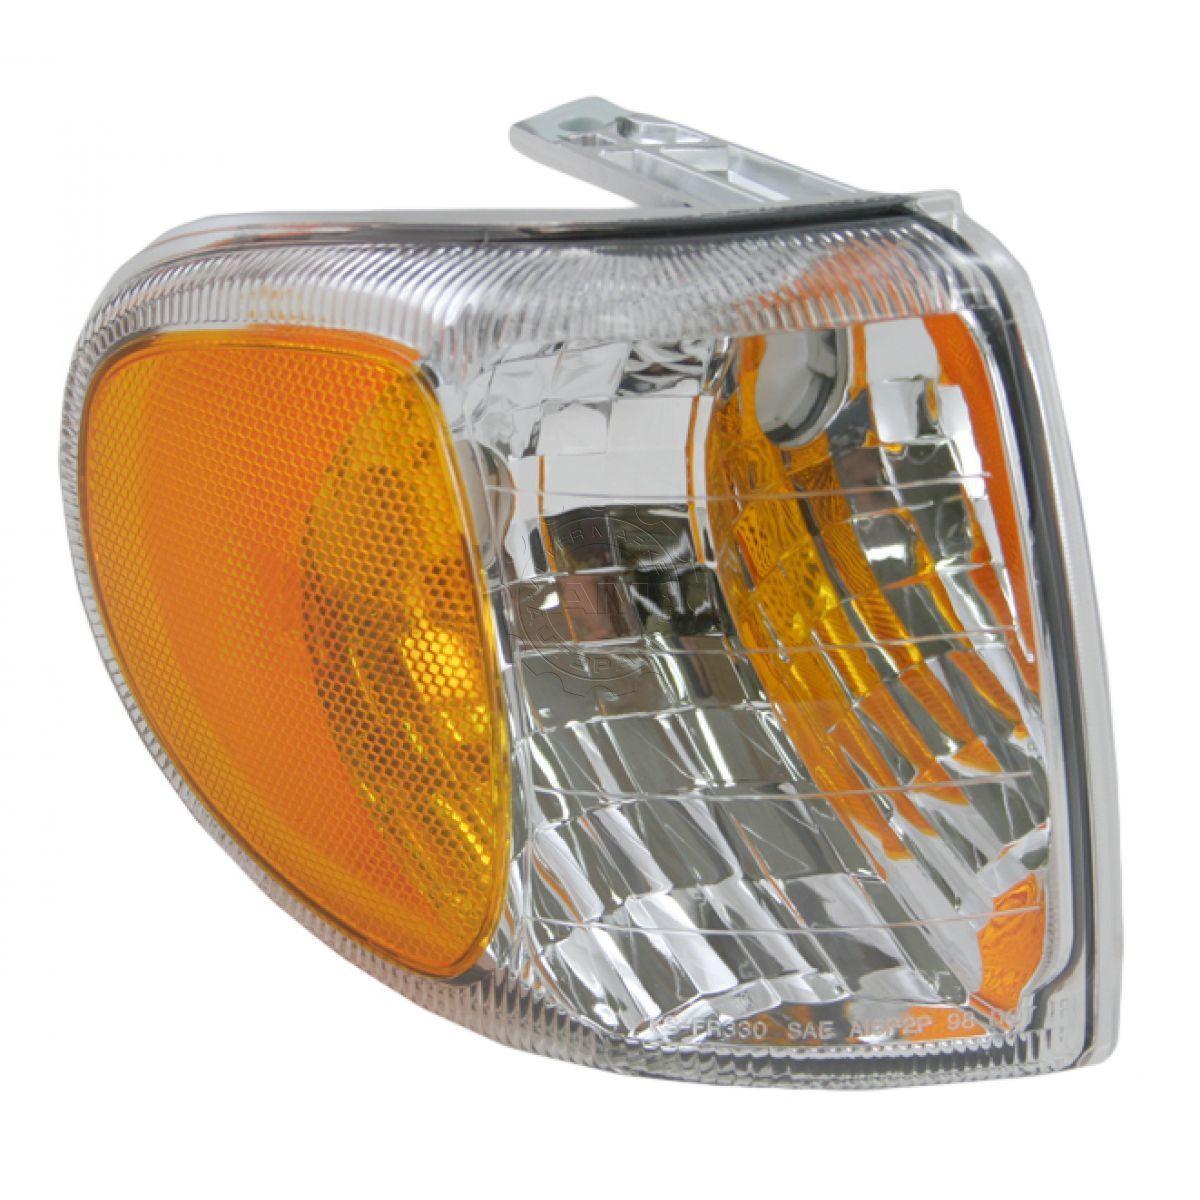 コーナーライト Side Turn Signal Marker Corner Light Passenger Right for 98-01 Mountaineer 98-01登山者用サイドターンシグナルマーカーコーナーライト